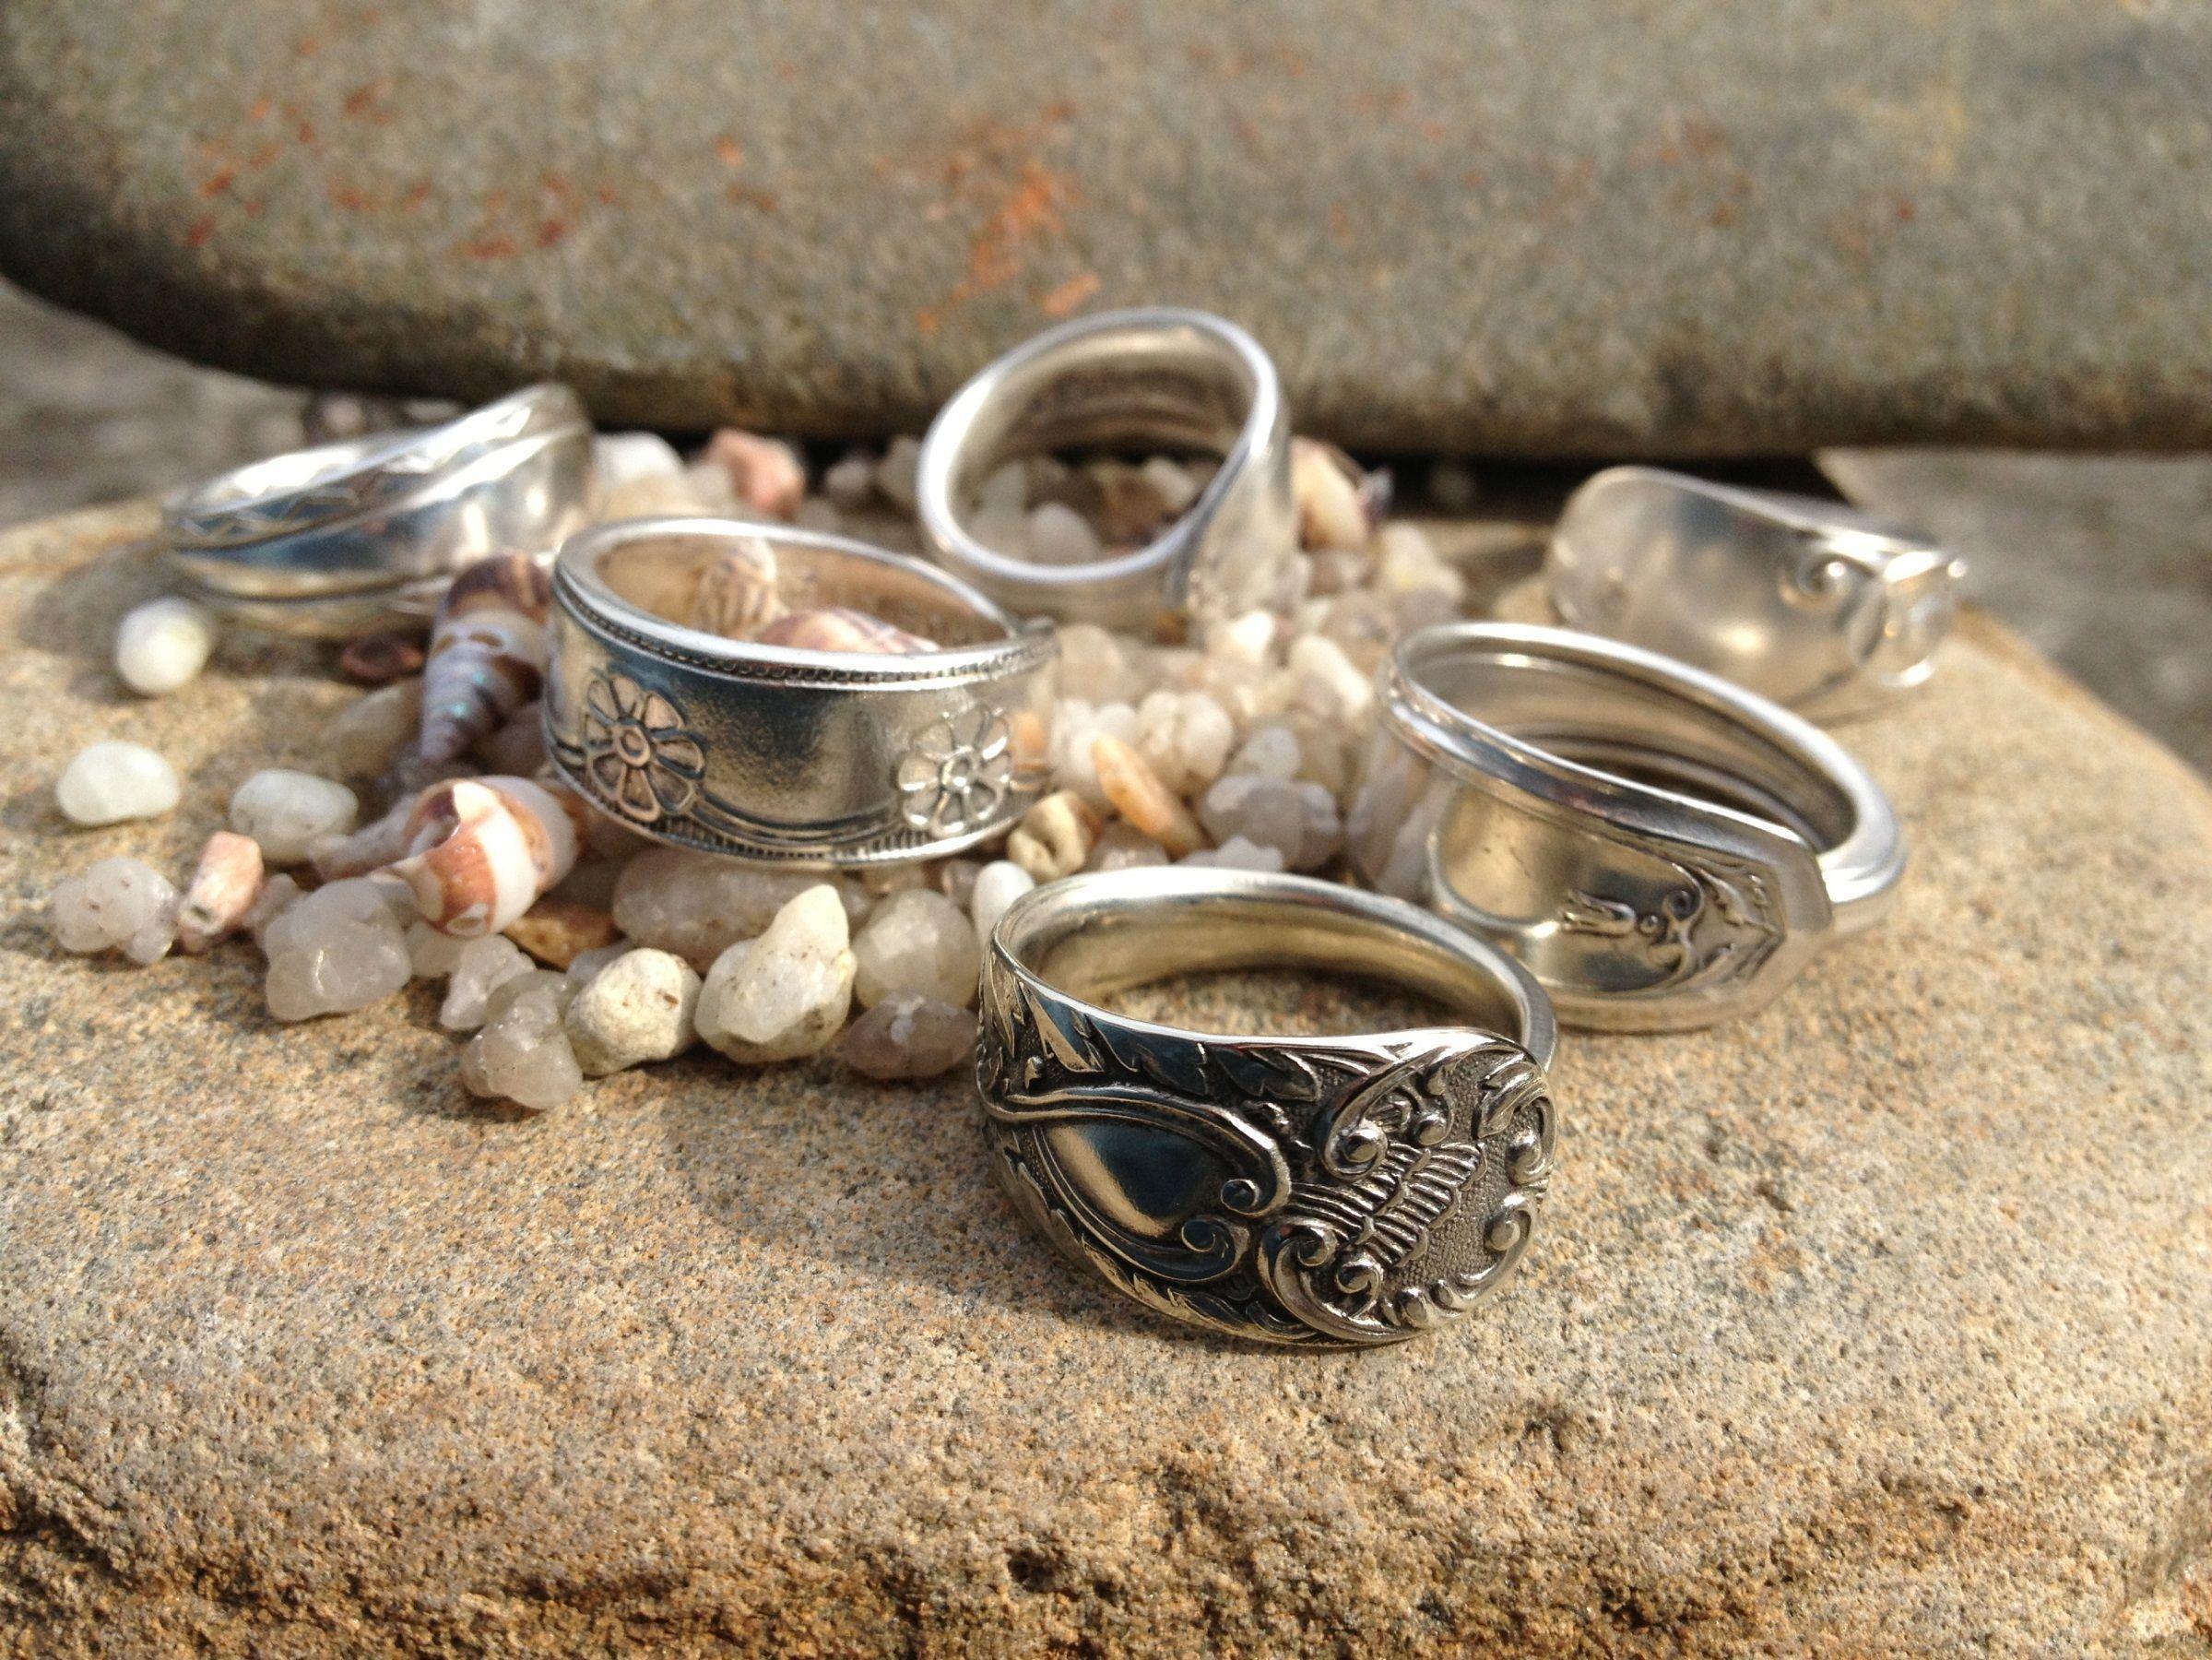 Anelli d'argento con delle vecchie posate